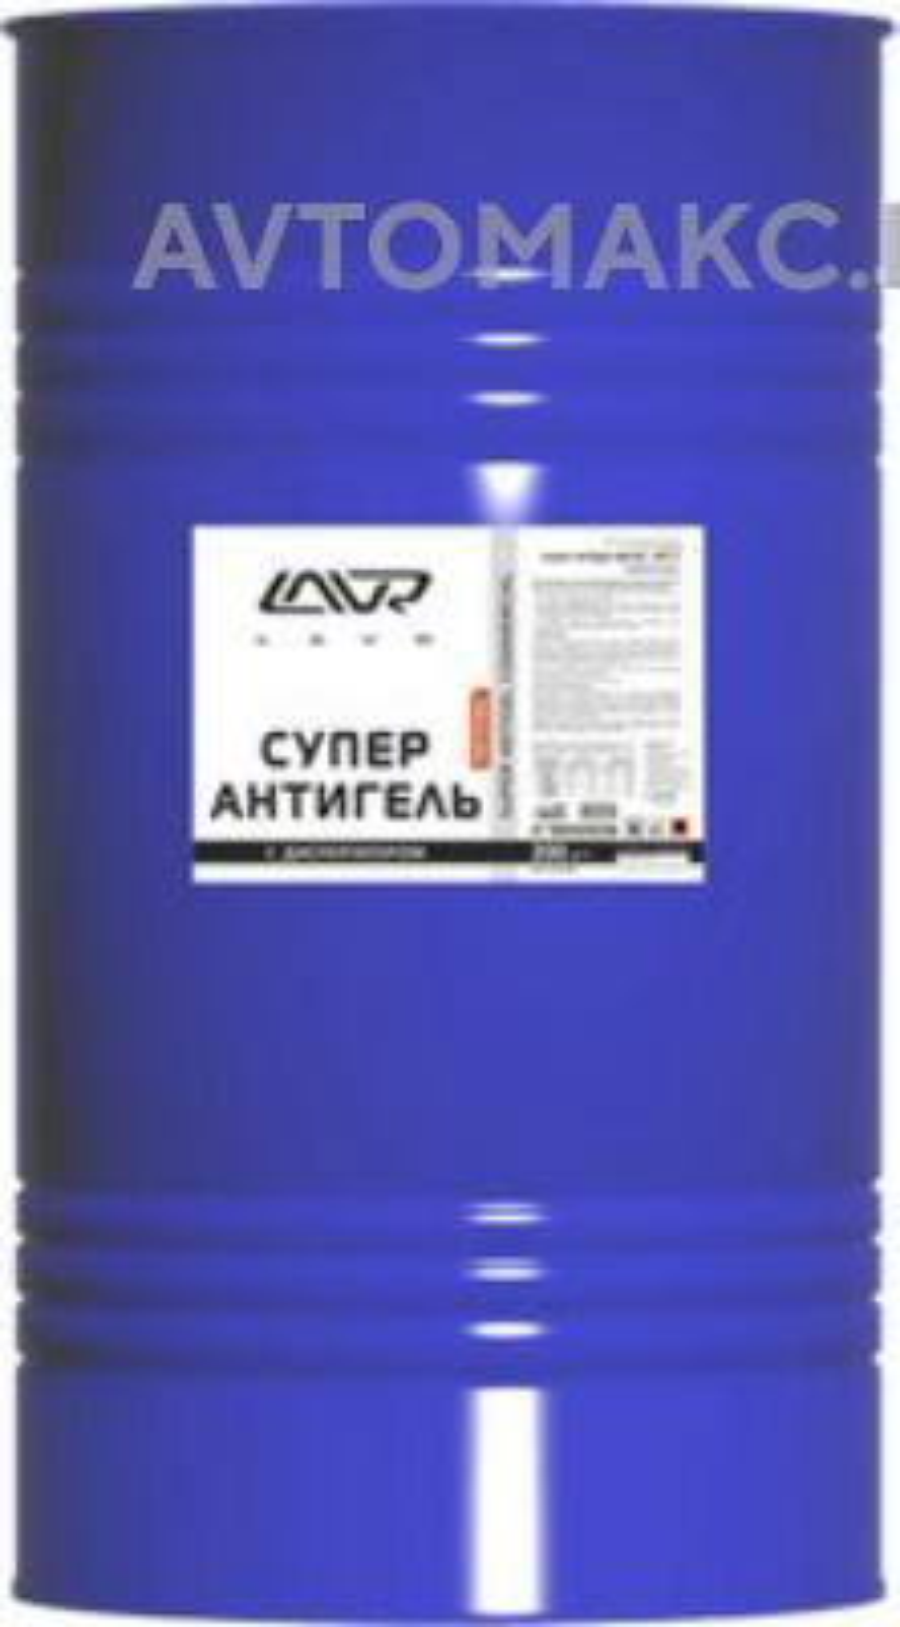 Суперантигель присадка в дизельное топливо LAVR Super Antigel Commercial, 200л (LN2120)